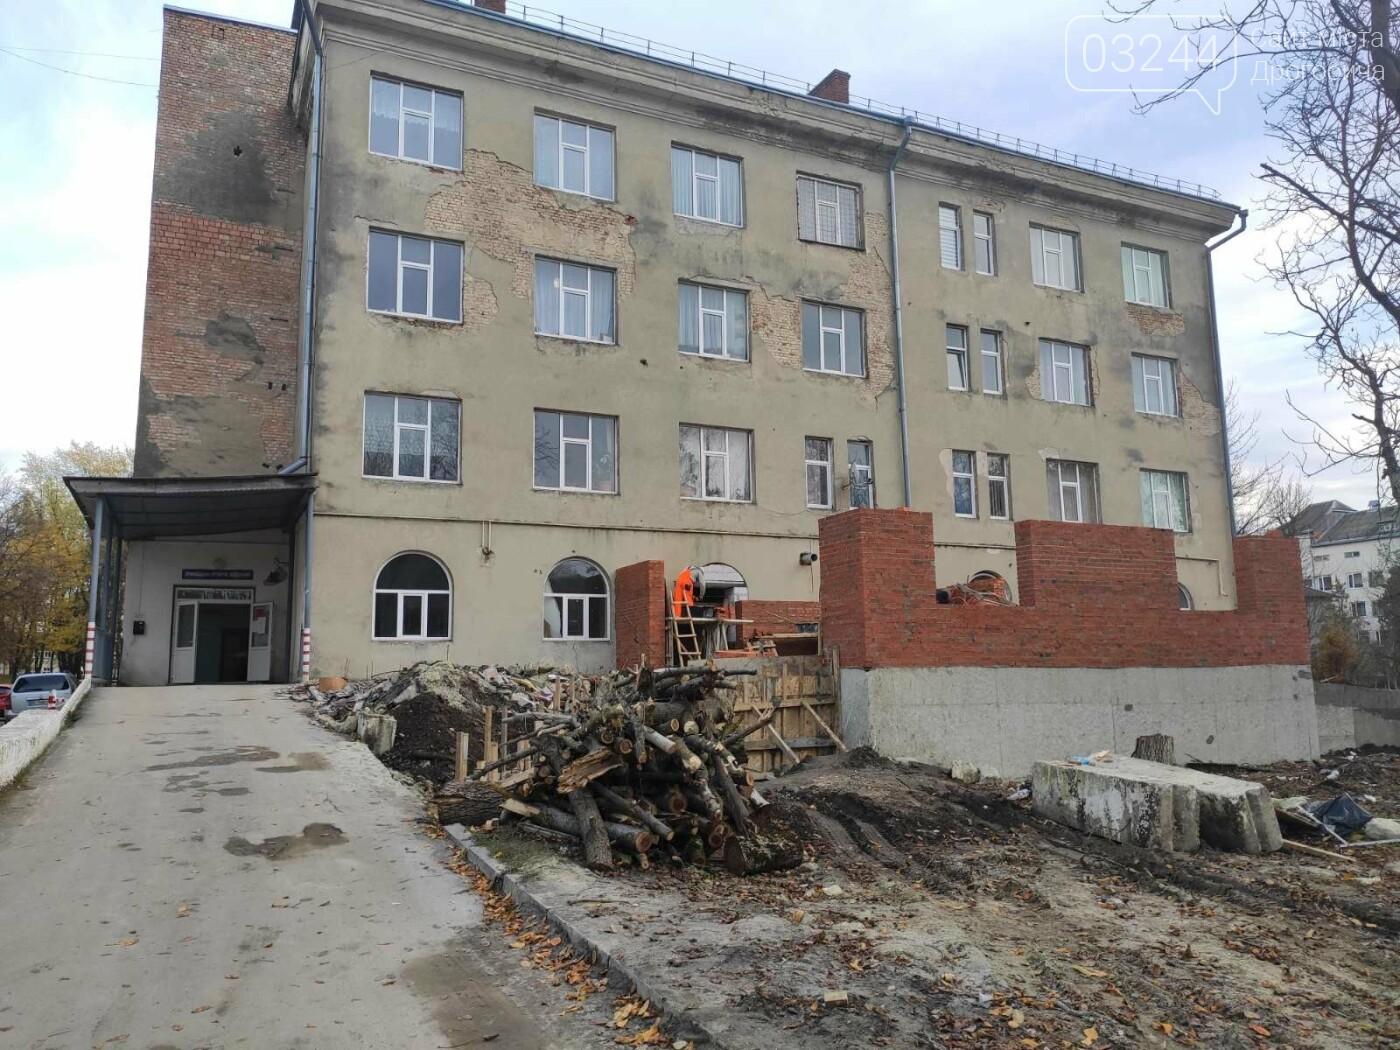 Дрогобицька міська лікарня №1 оновлює  приймальне відділення  – стартував капремонт приміщення  , фото-1